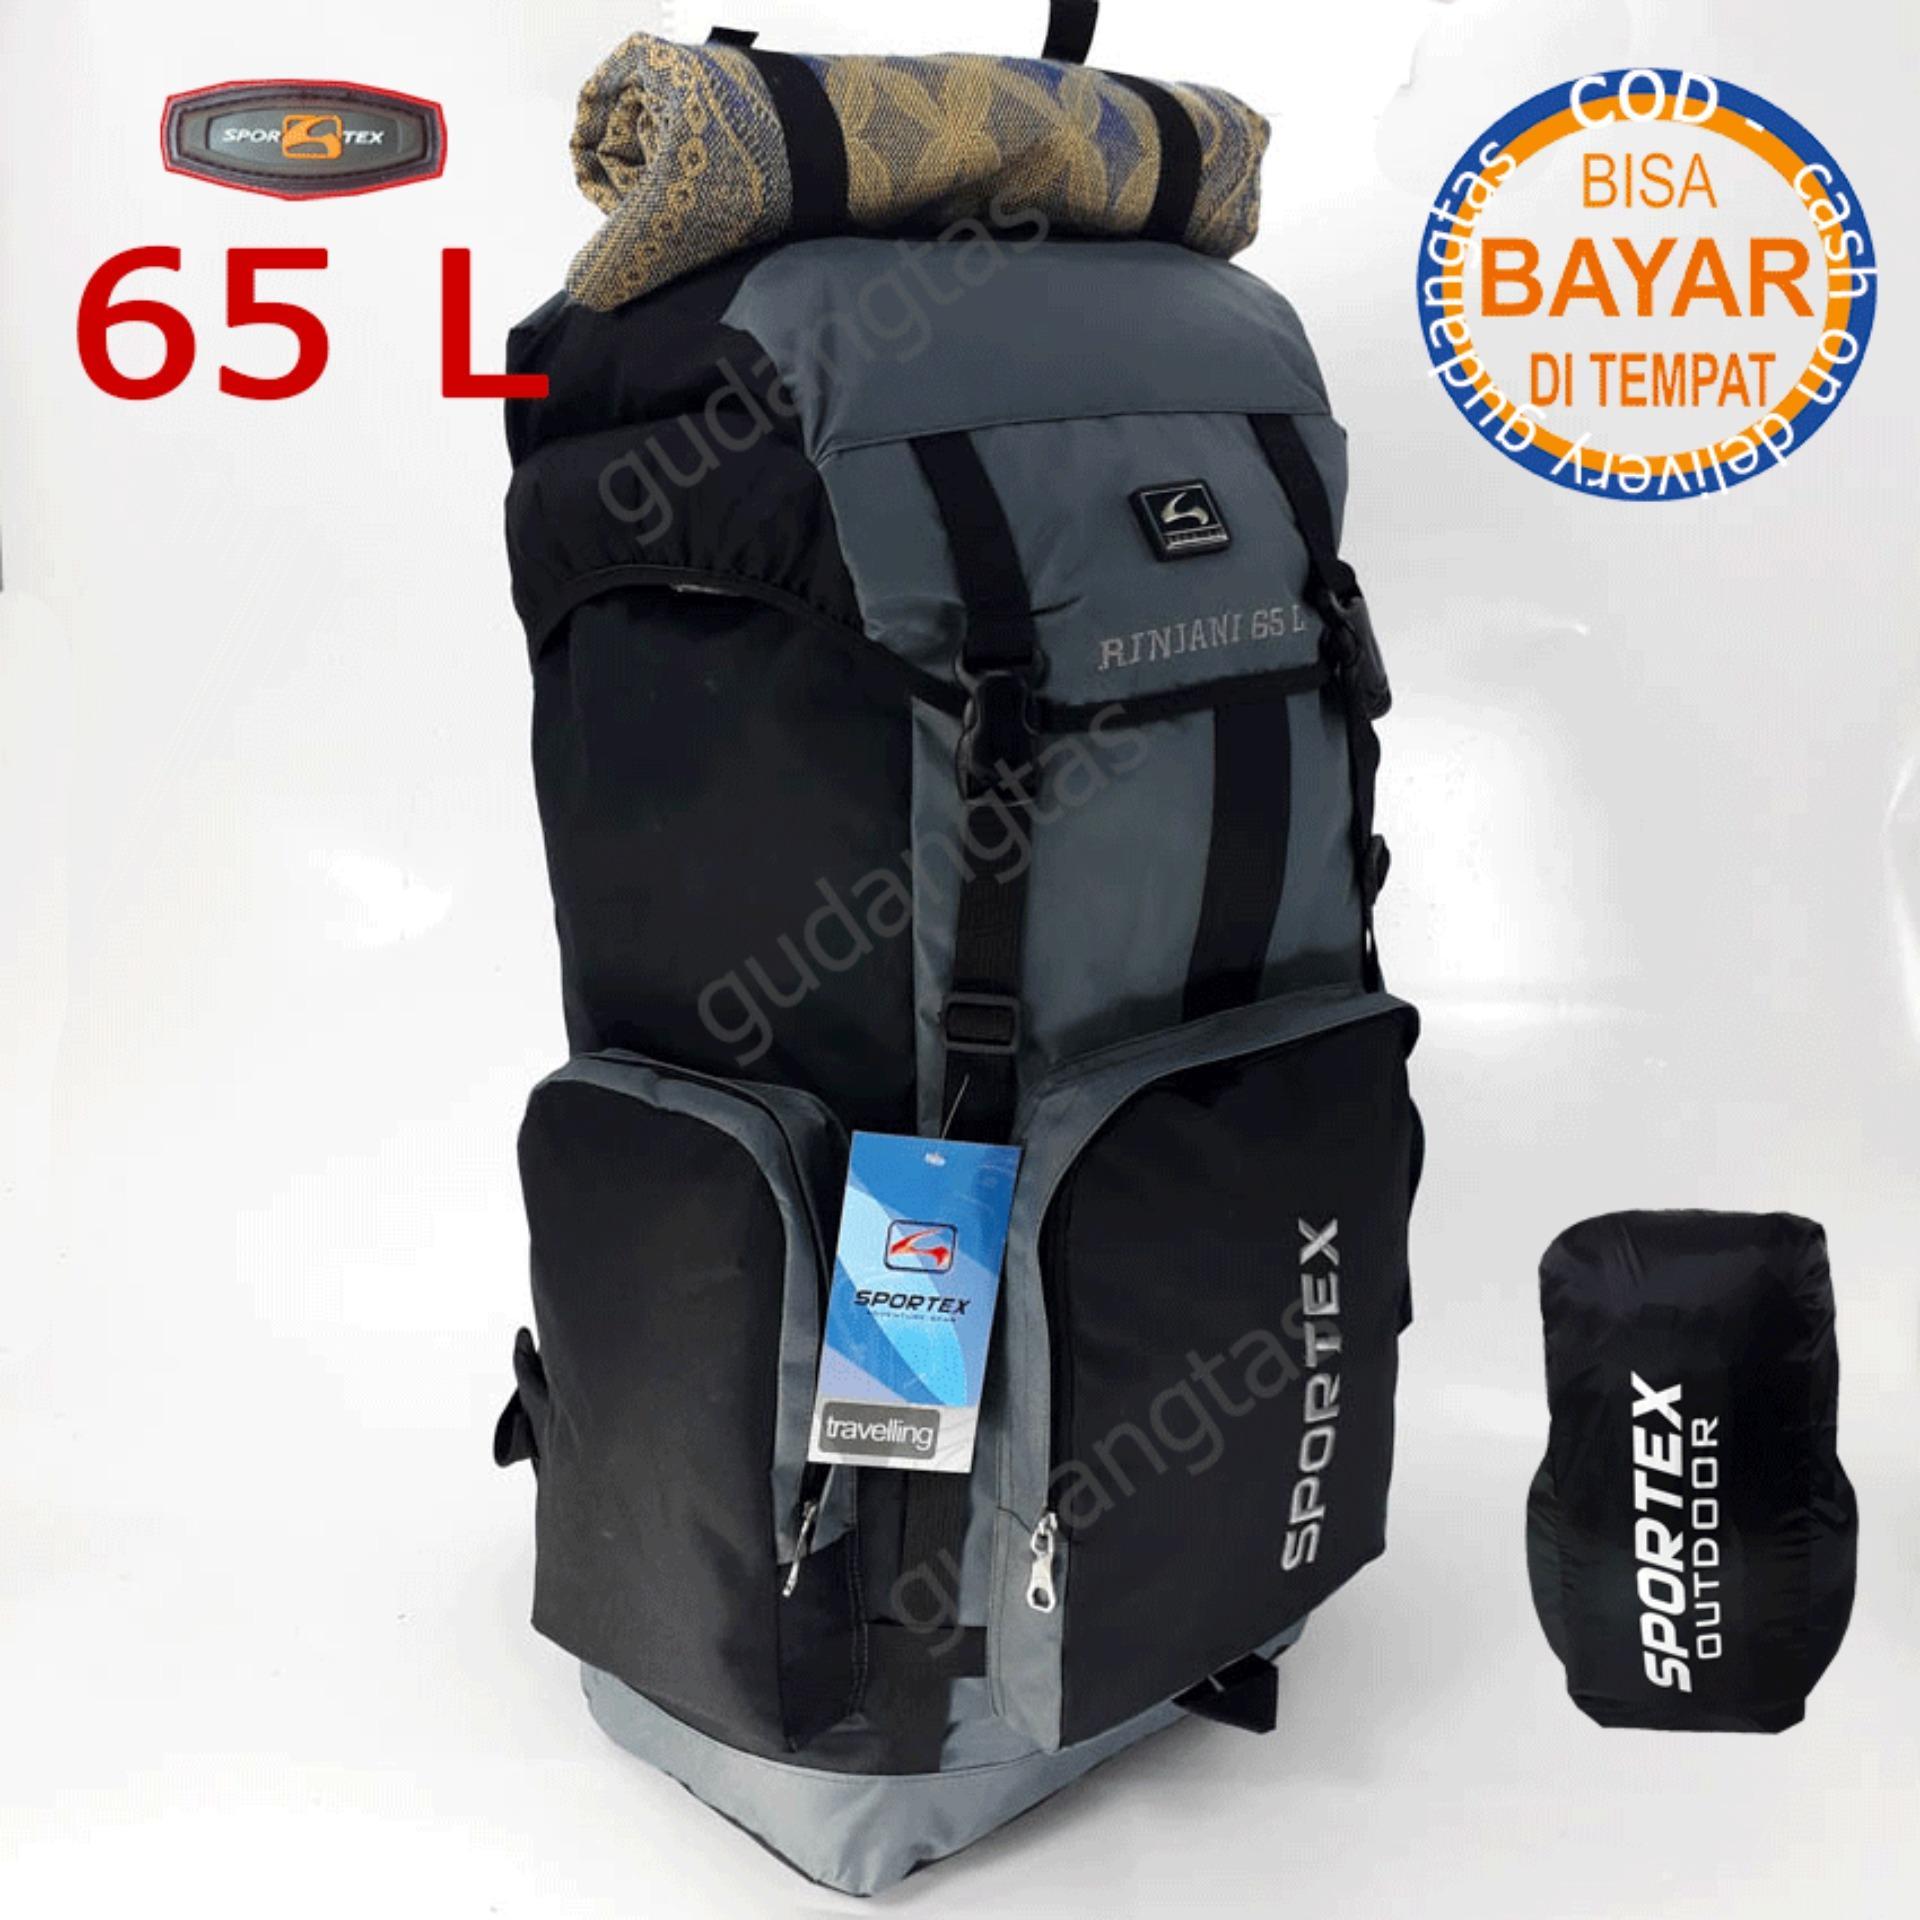 Sportex Tas Ransel Gunung Tas Keril Tas Carrier Tas Camping Tas Hiking 65L  JUMBO Raincover GDTL0886 f71b4d2f4e